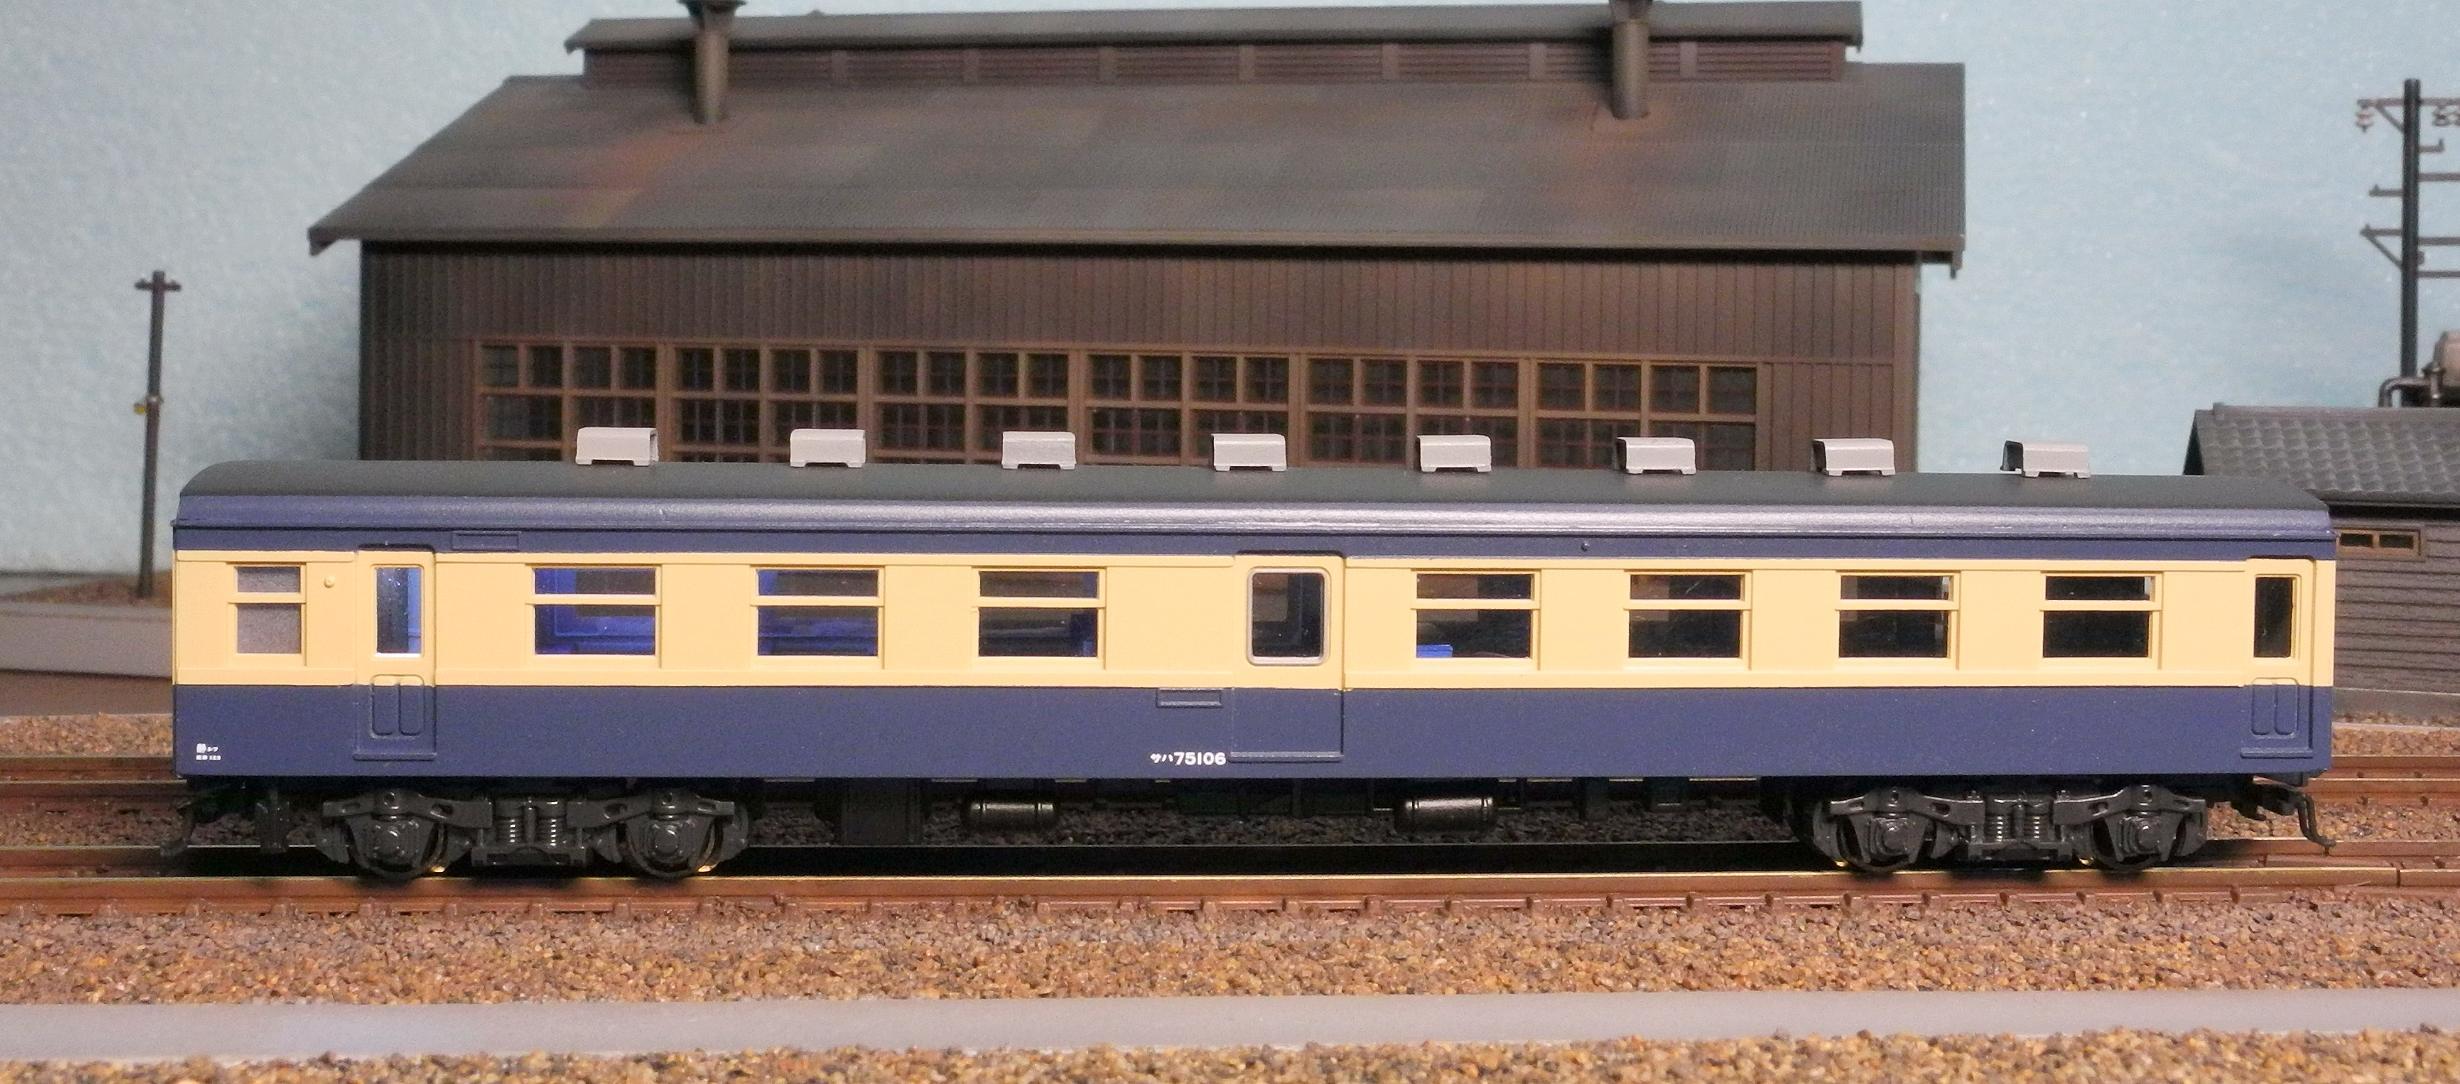 DSCN5582-1.jpg